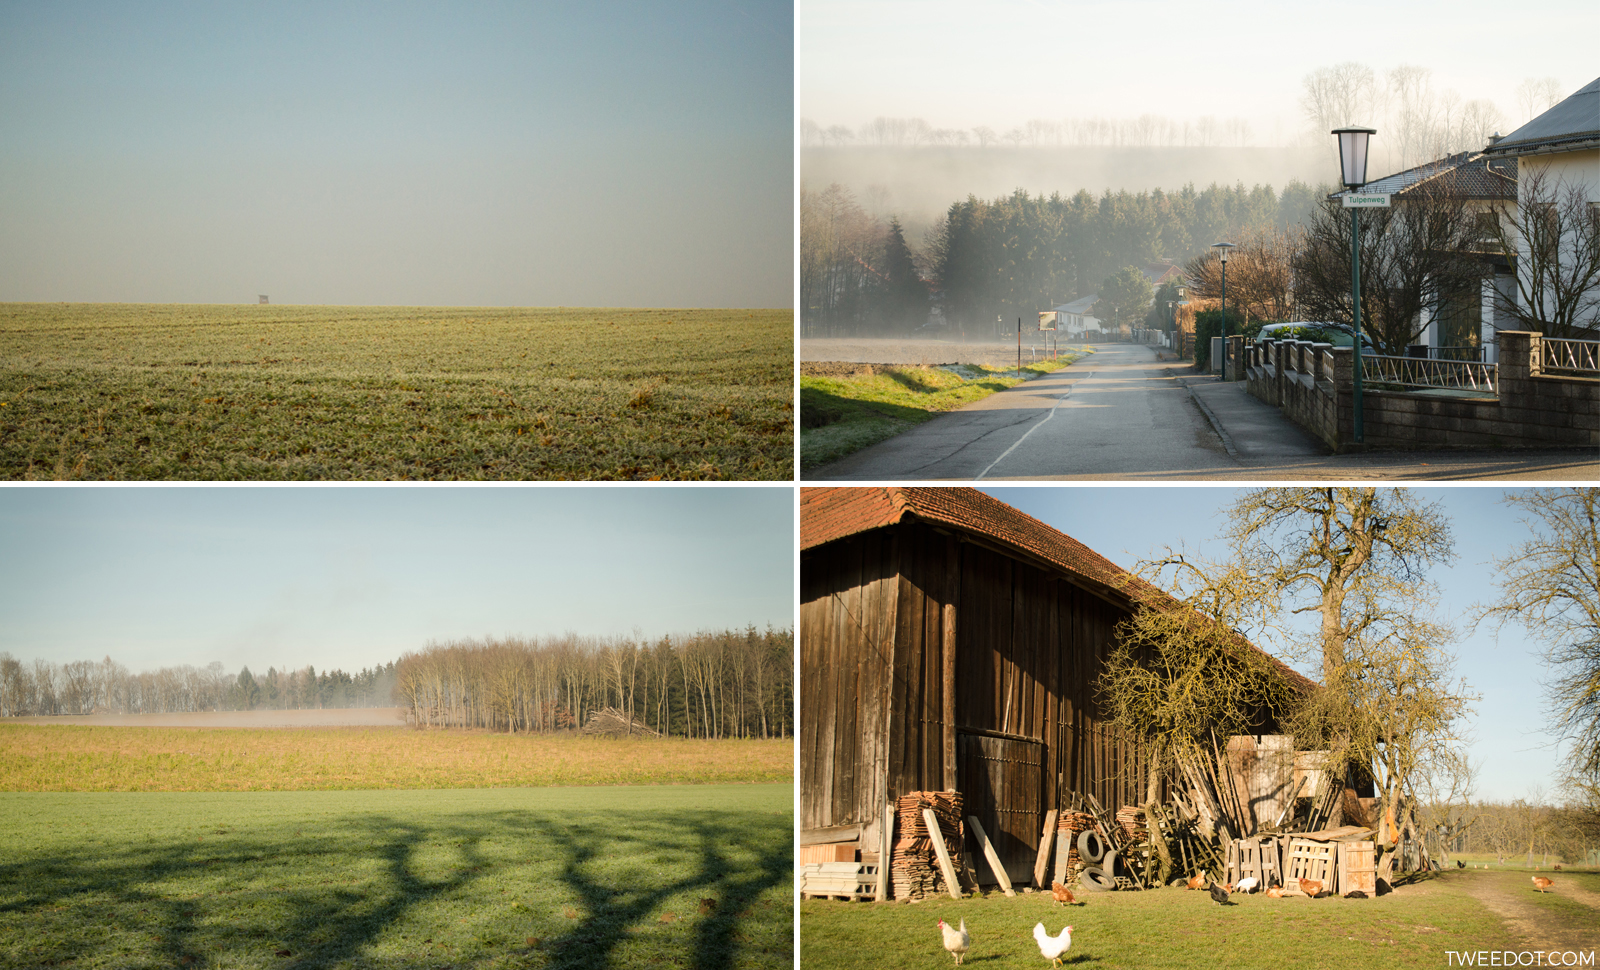 Tweedot - Viaggio in Austria. Linz e il suo hinterland nell'Alta Austria